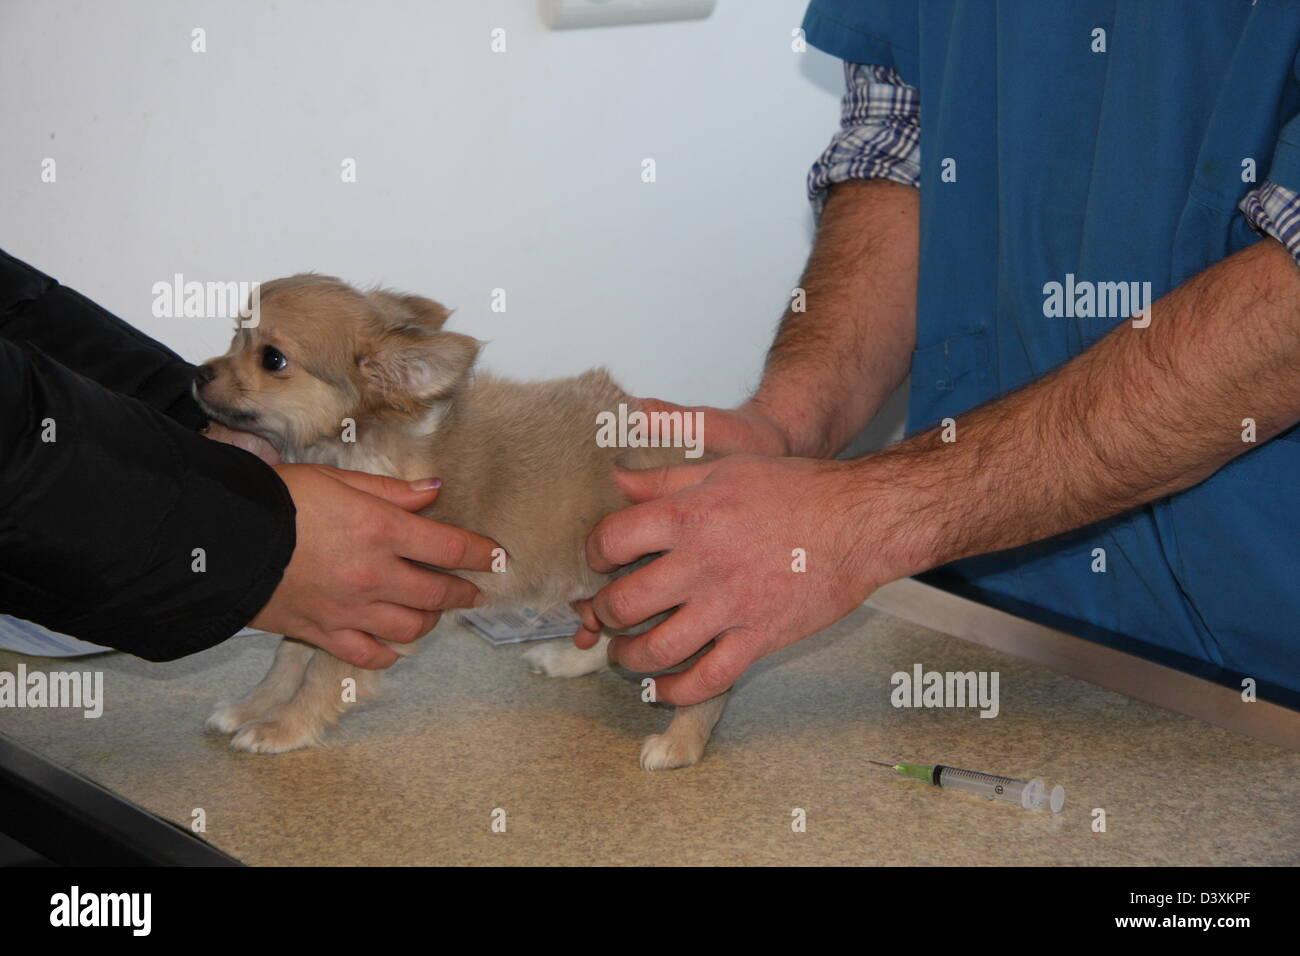 The veterinary examine a Chihuahua Dog - Stock Image